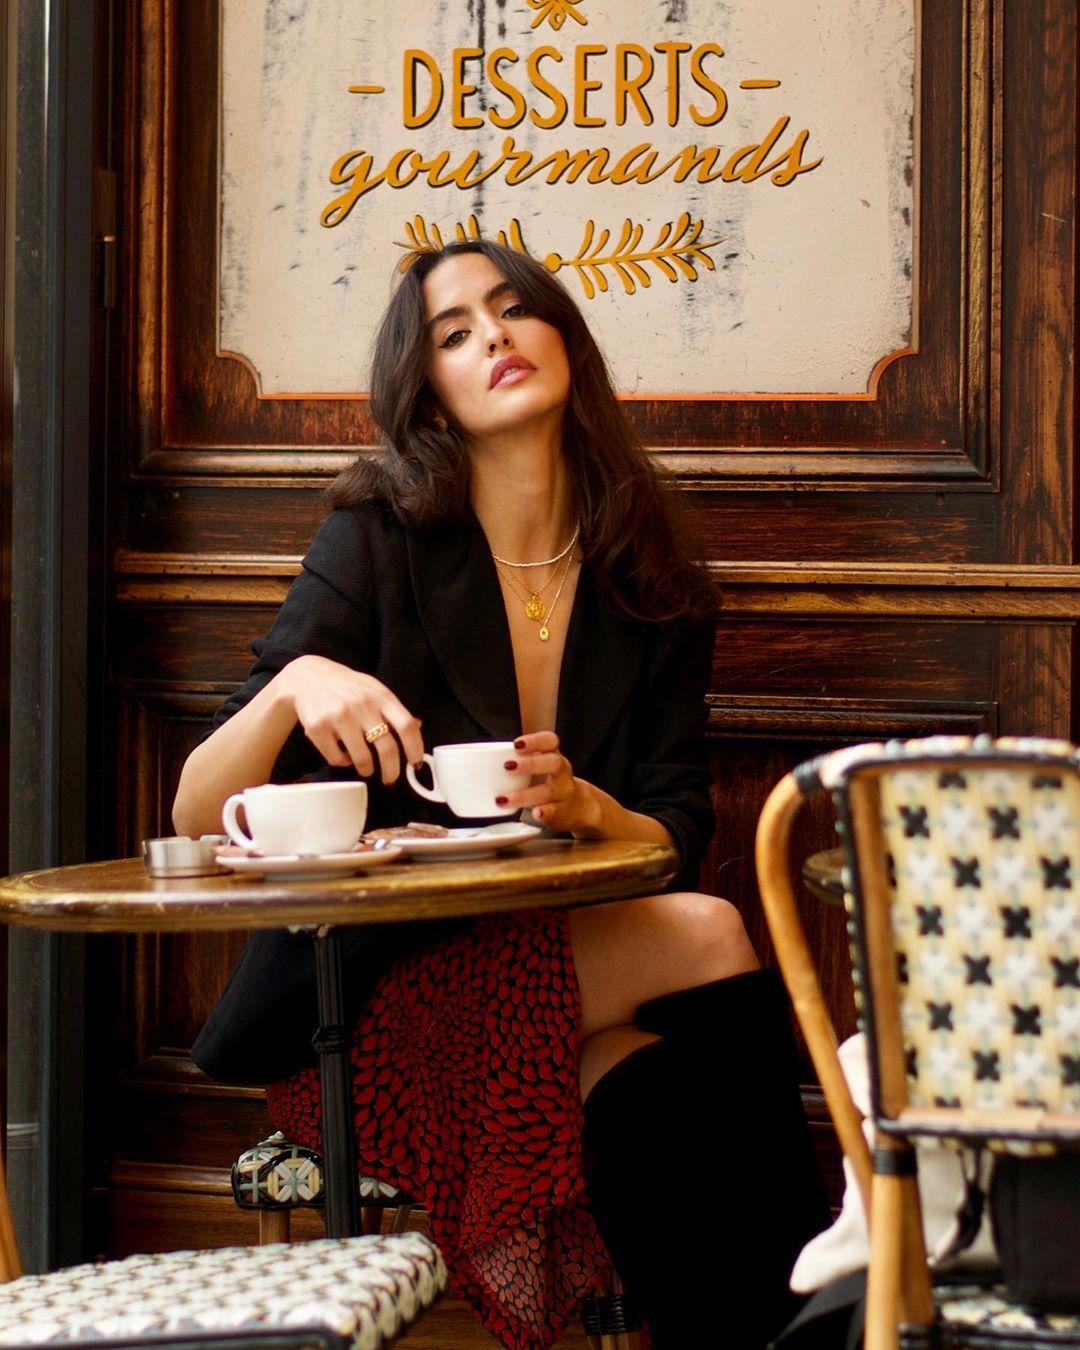 Tín đồ thời trang Pháp Juny Breeze mặc blazer, chân váy đỏ và giày bốt cao